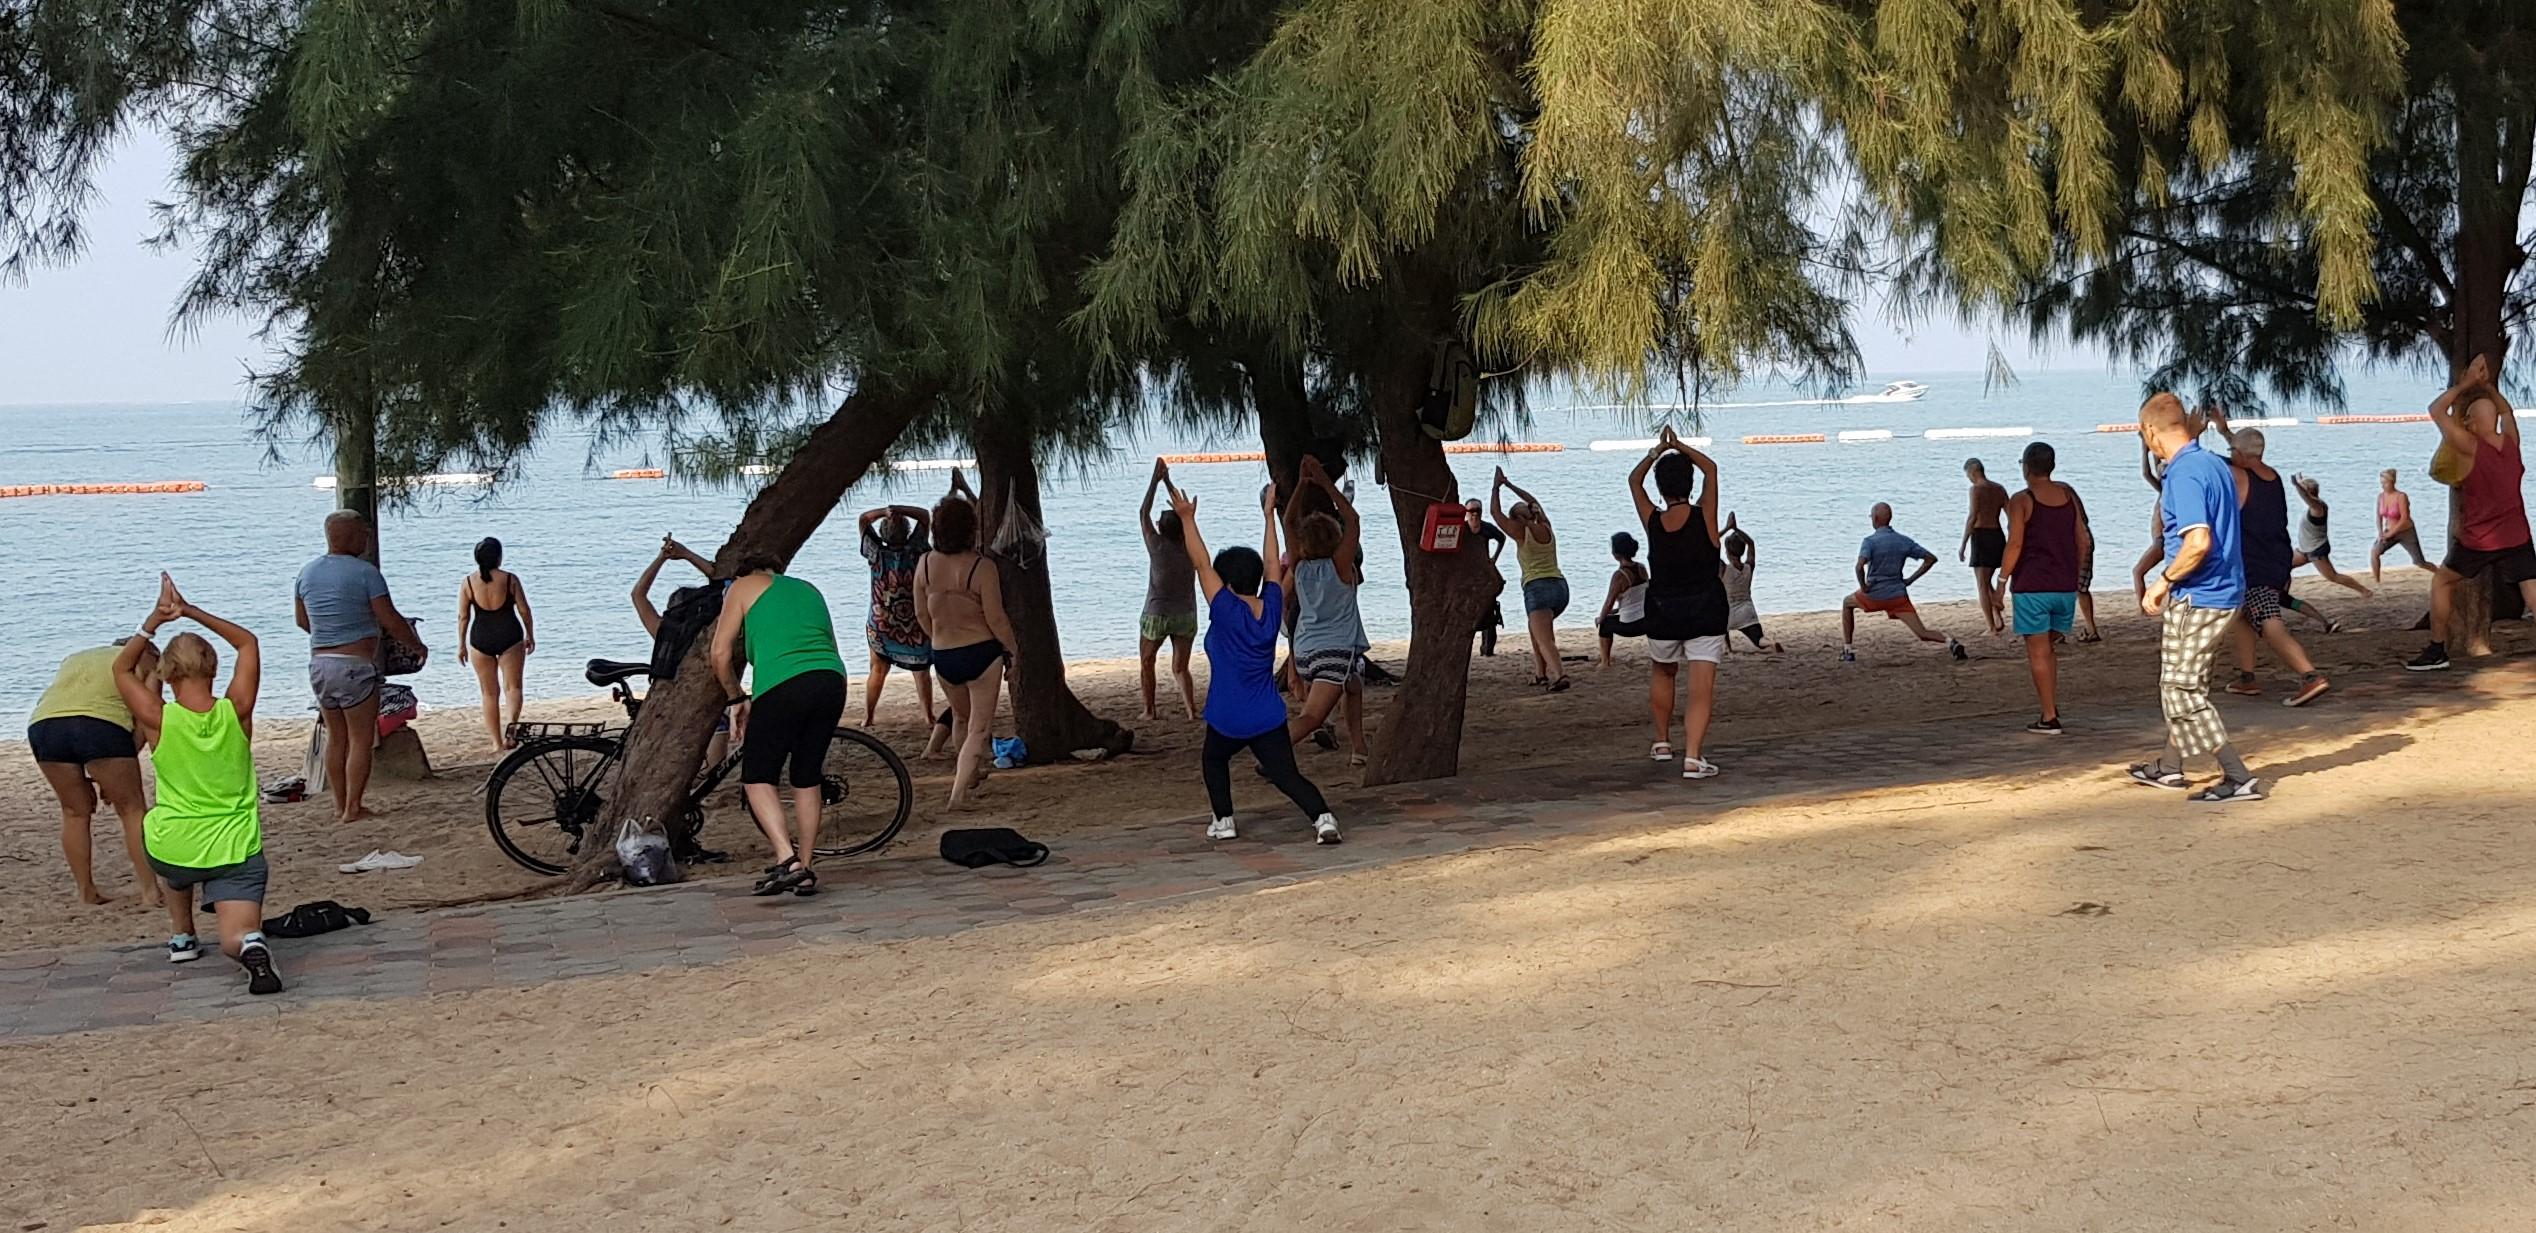 Tai Chi les op het strand